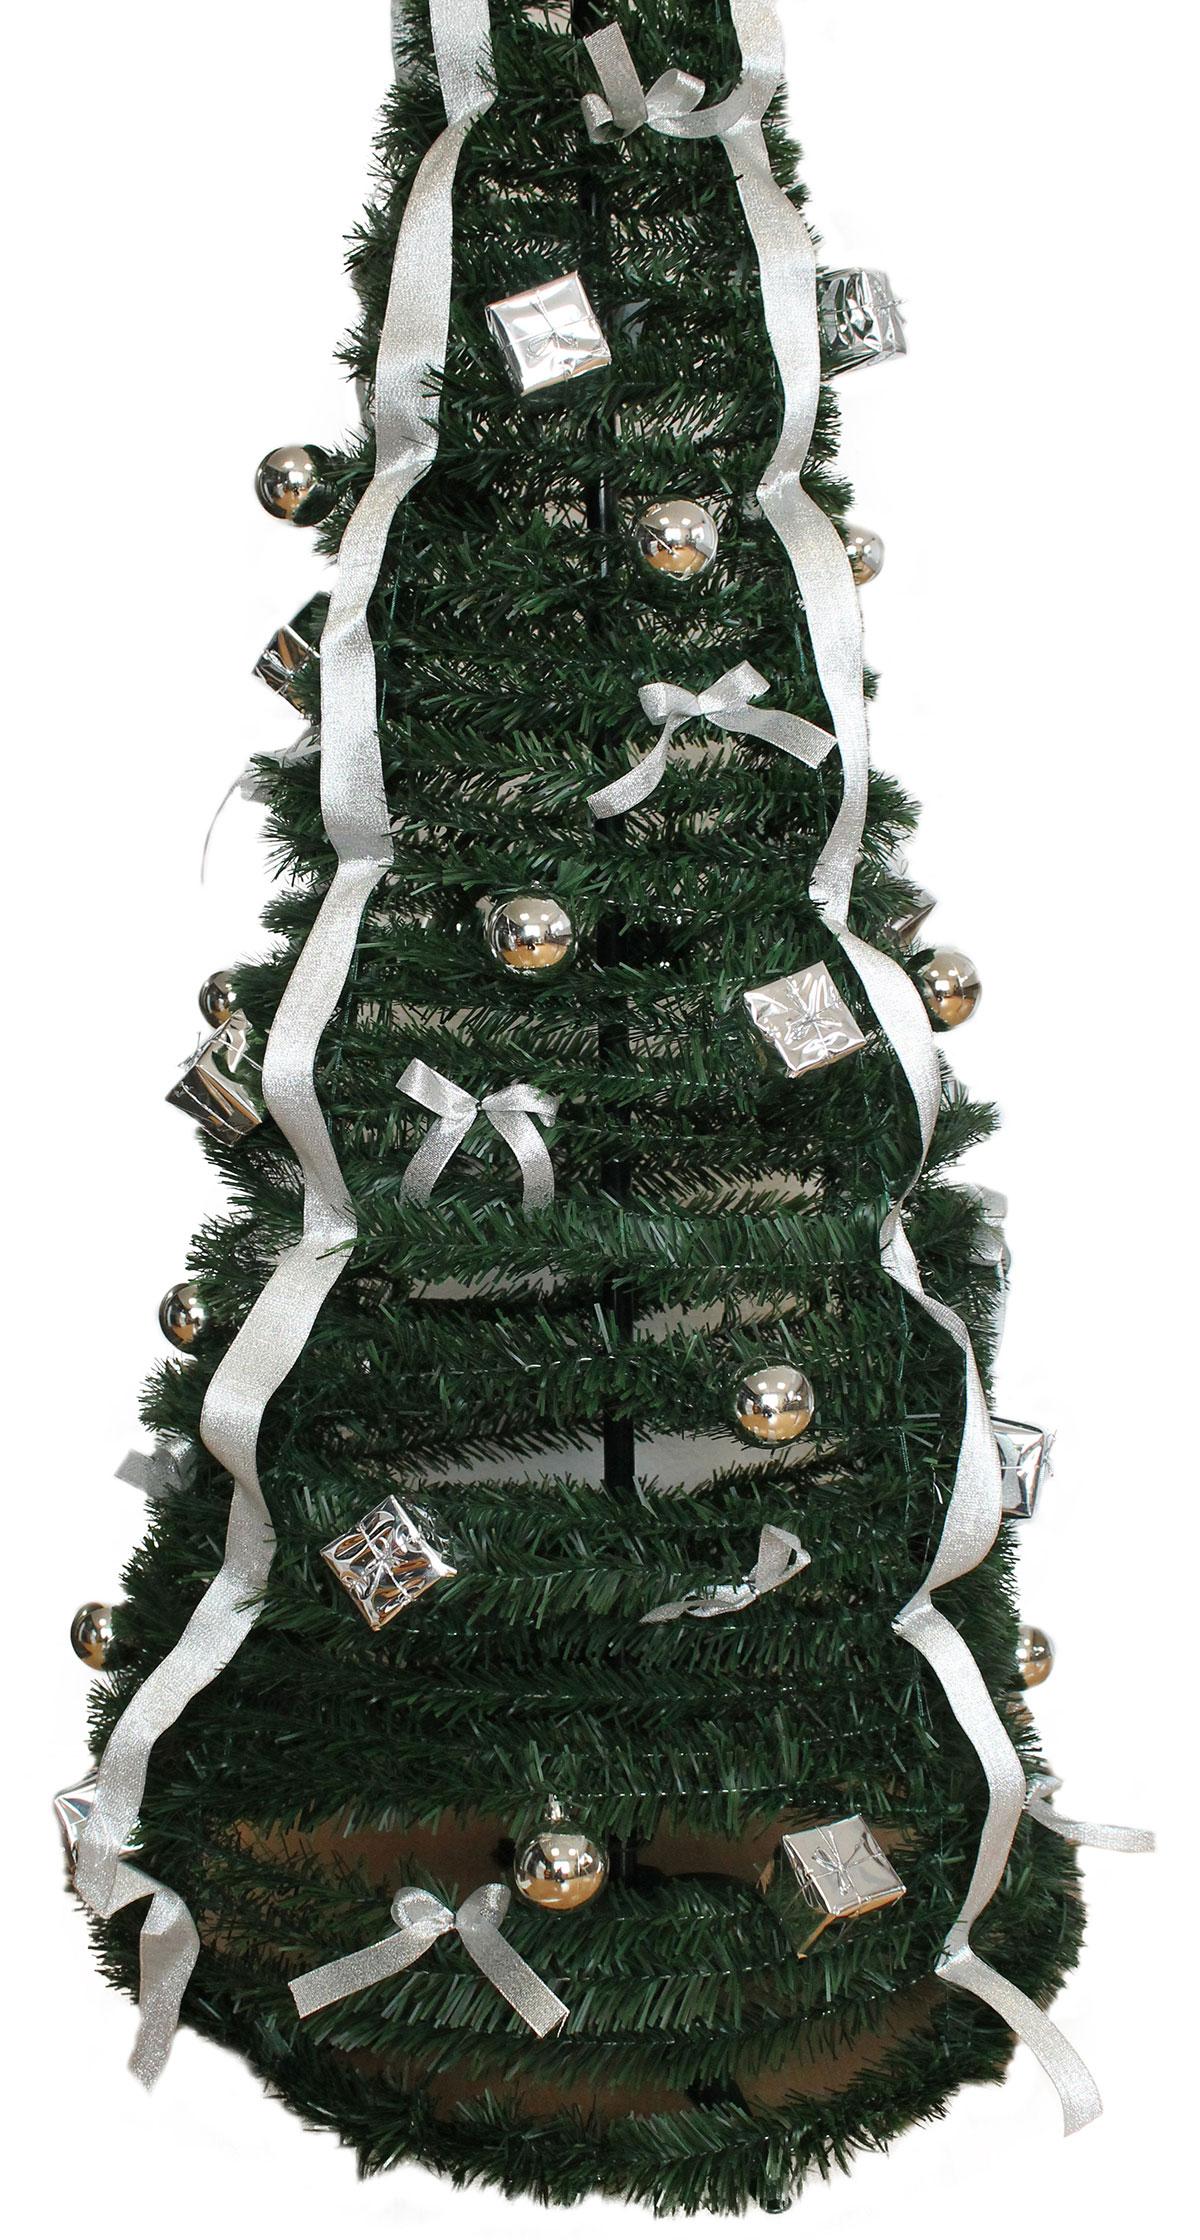 weihnachtsbaum aus kunststoff 60 sekunden aufbau k nstlicher tannenbaum komplett ebay. Black Bedroom Furniture Sets. Home Design Ideas